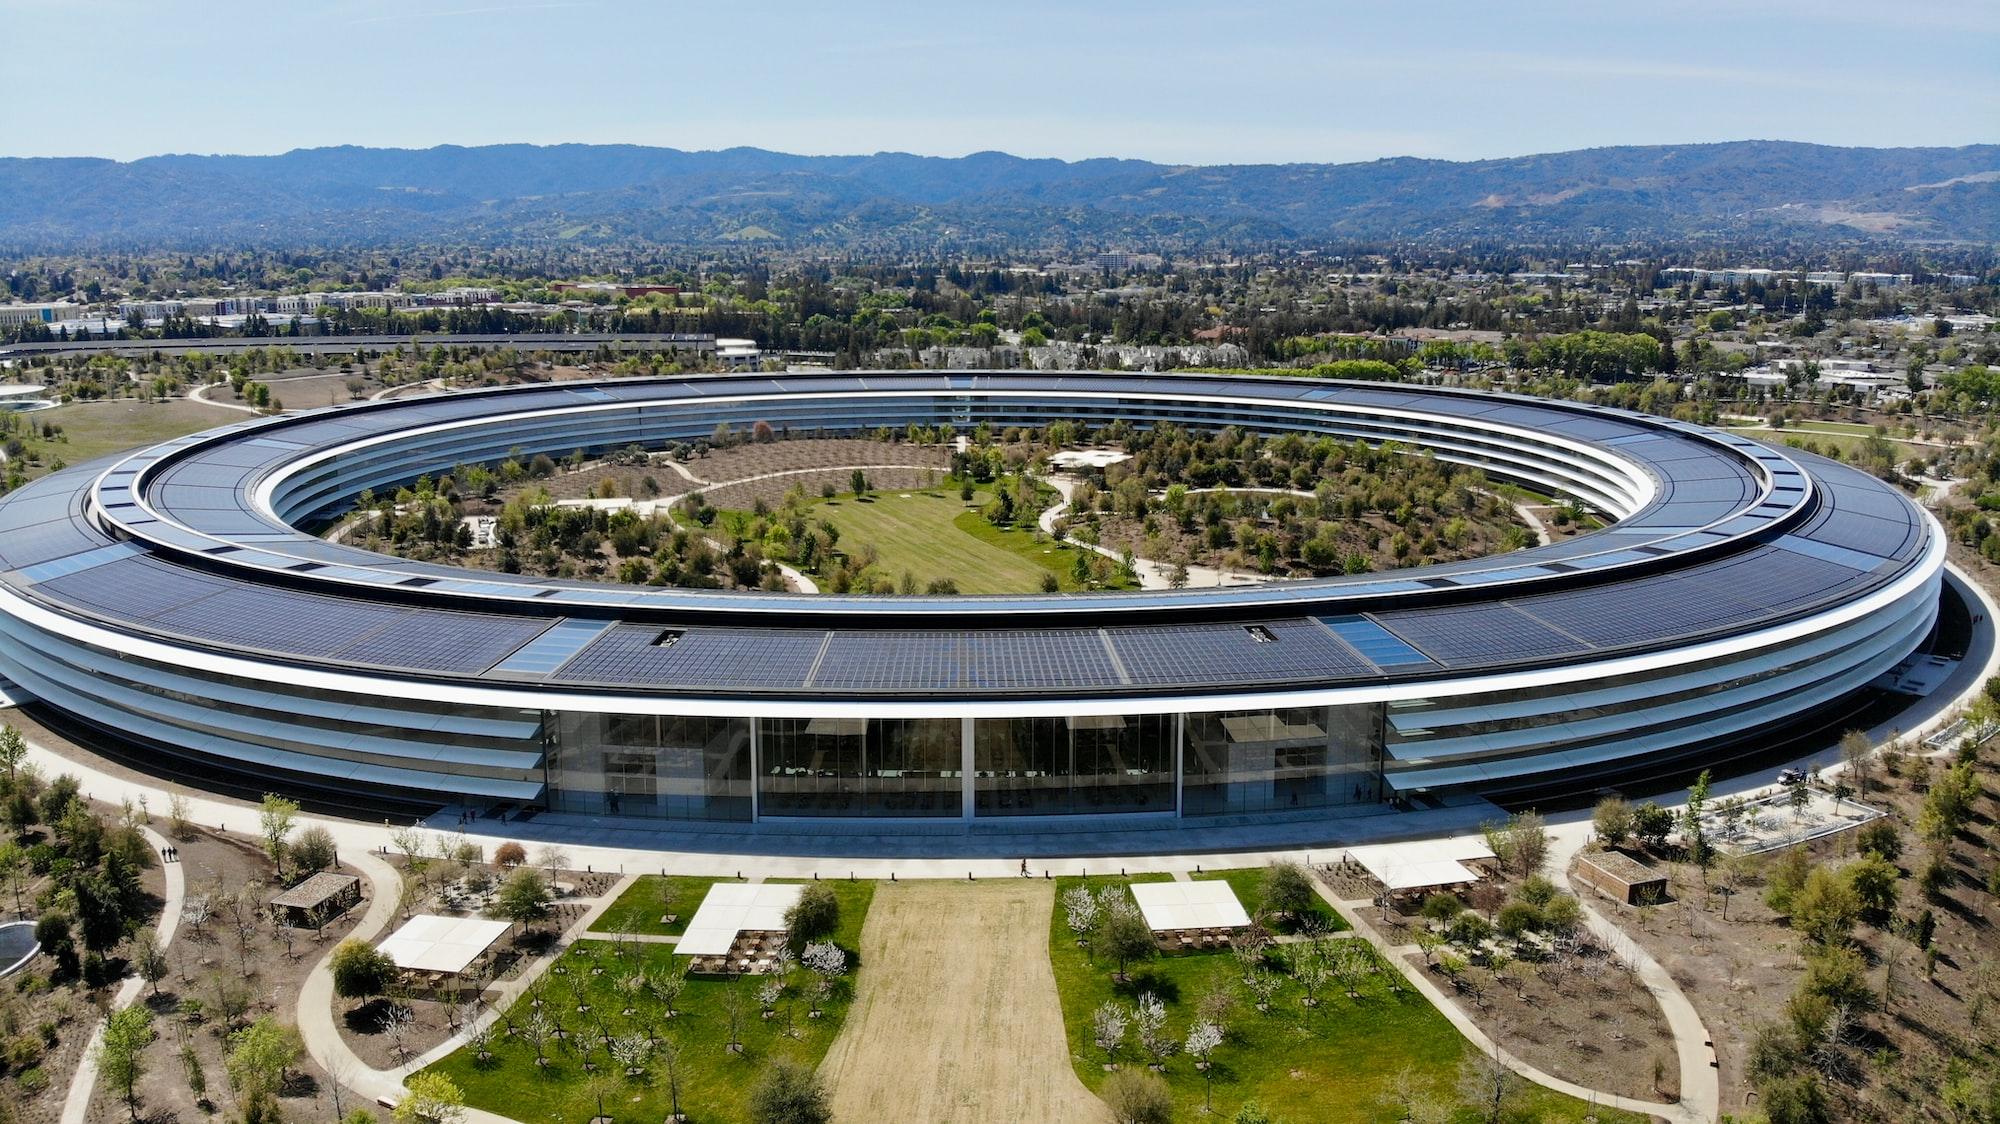 Тим Кук сообщил, что возвращение сотрудников в Apple Park перенесено на октябрь